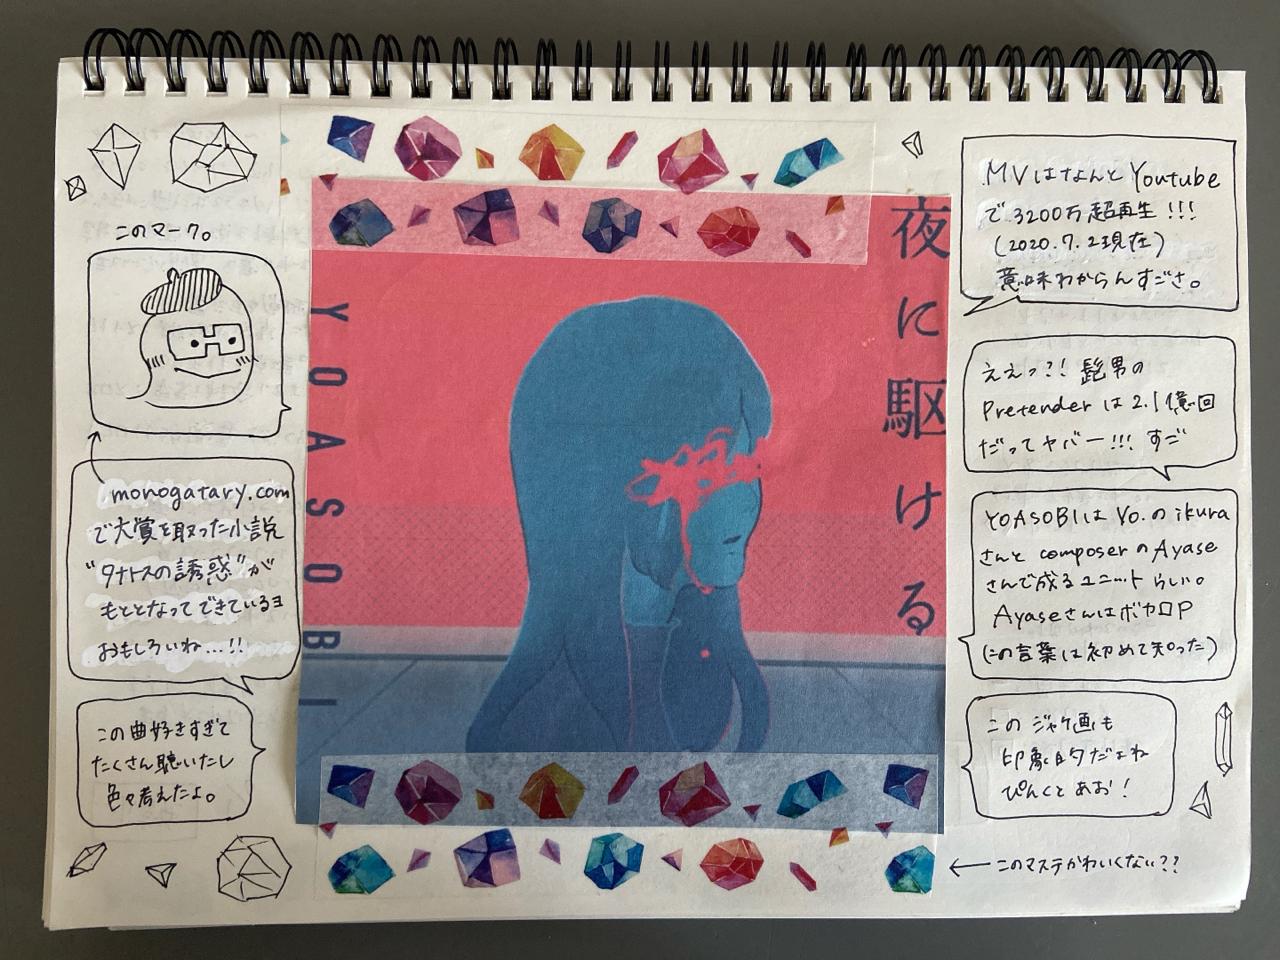 誘惑 ない の タナトス 読め 【女性は存在していなかった】YOASOBI「夜に駆ける」歌詞解釈:元となる小説は?